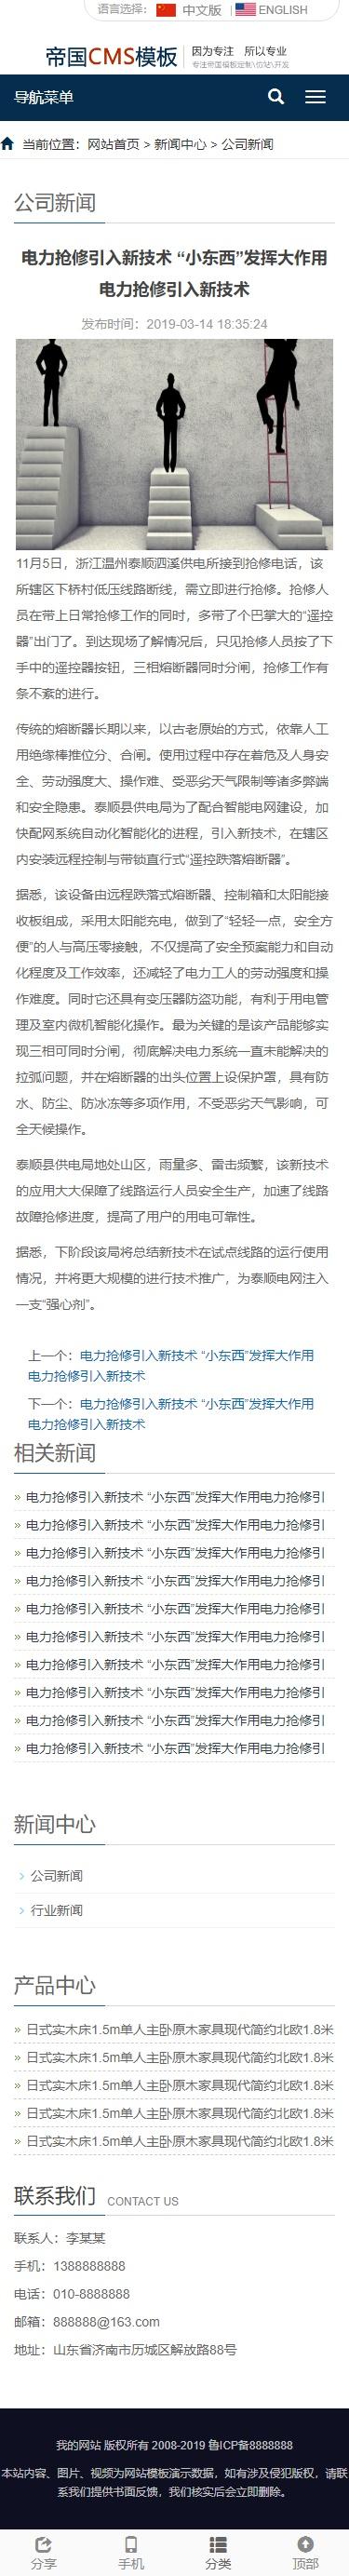 响应式自适应手机帝国cms中英文外贸企业网站模板_手机版新闻内容页